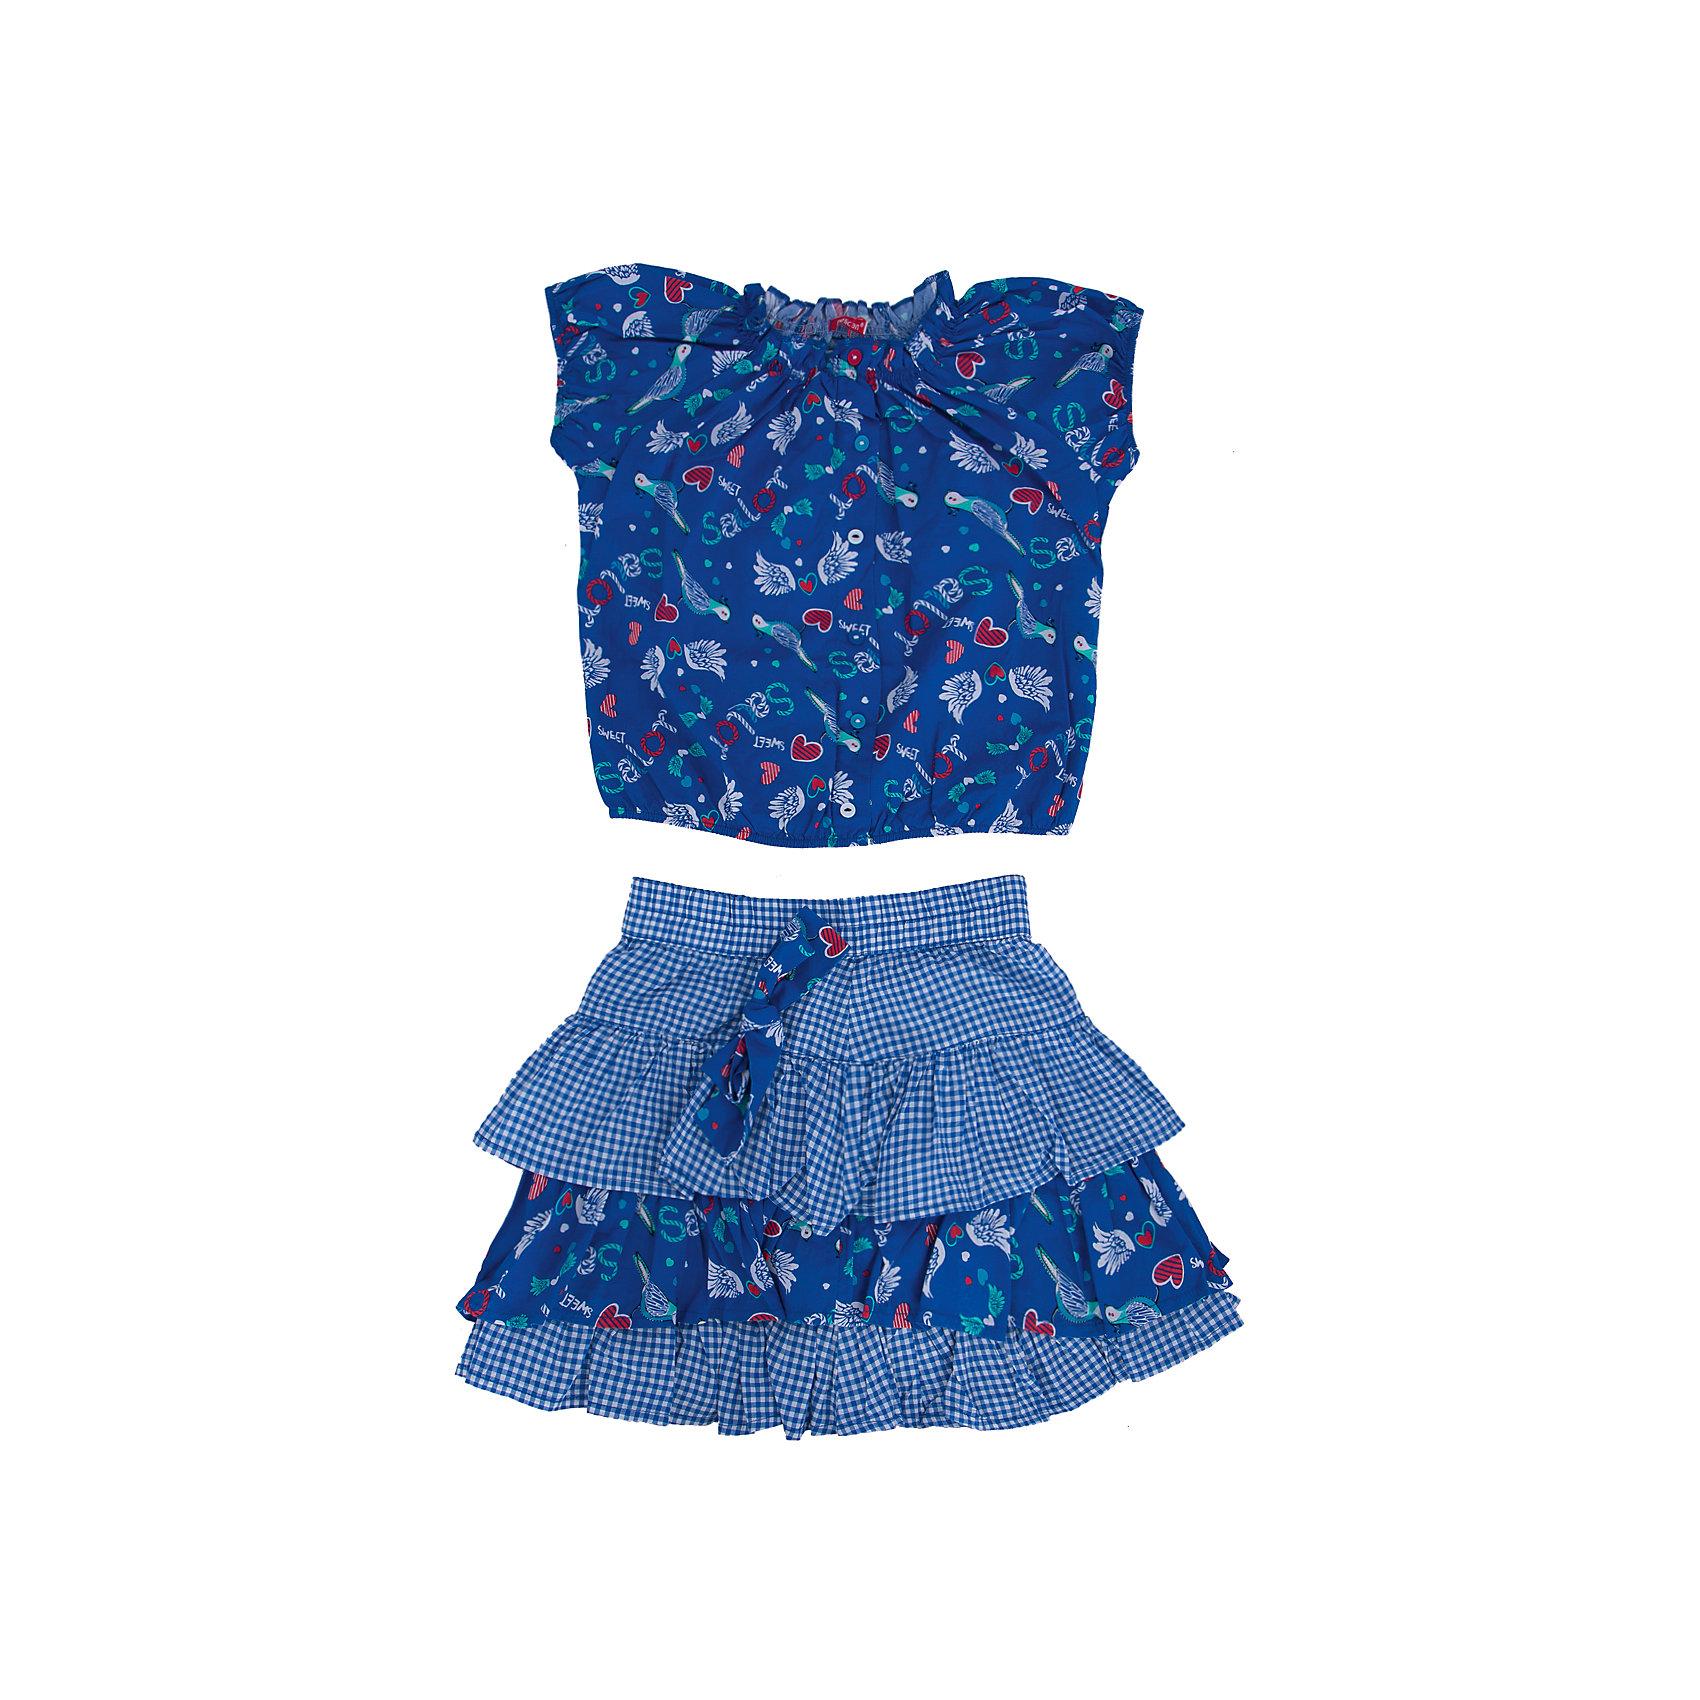 Комплект: блузка и юбка для девочки PELICANКомплекты<br>Стильный комплект для девочки состоит из блузки и юбки. Удобные вещи помогут разнообразить гардероб ребенка, создать подходящий погоде ансамбль. Удобный крой и качественный материал обеспечат ребенку комфорт при ношении этих вещей. <br>Комплект очень стильно смотрится благодаря актуальной в этот сезоне расцветке. Блузка - с модным принтом и короткими рукавами. Юбка украшена воланами и бантом. Материал - легкий, тонкий, отлично подходит для лета, состоит из дышащего натурального хлопка. Очень приятен на ощупь, не вызывает аллергии.<br><br>Дополнительная информация:<br><br>материал: 100% хлопок;<br>цвет: синий;<br>с принтом;<br>юбка декорирована воланами и бантом.<br><br>Комплект для девочки от бренда PELICAN (Пеликан) можно купить в нашем магазине.<br><br>Ширина мм: 207<br>Глубина мм: 10<br>Высота мм: 189<br>Вес г: 183<br>Цвет: синий<br>Возраст от месяцев: 48<br>Возраст до месяцев: 60<br>Пол: Женский<br>Возраст: Детский<br>Размер: 110,116,104,98<br>SKU: 4805149